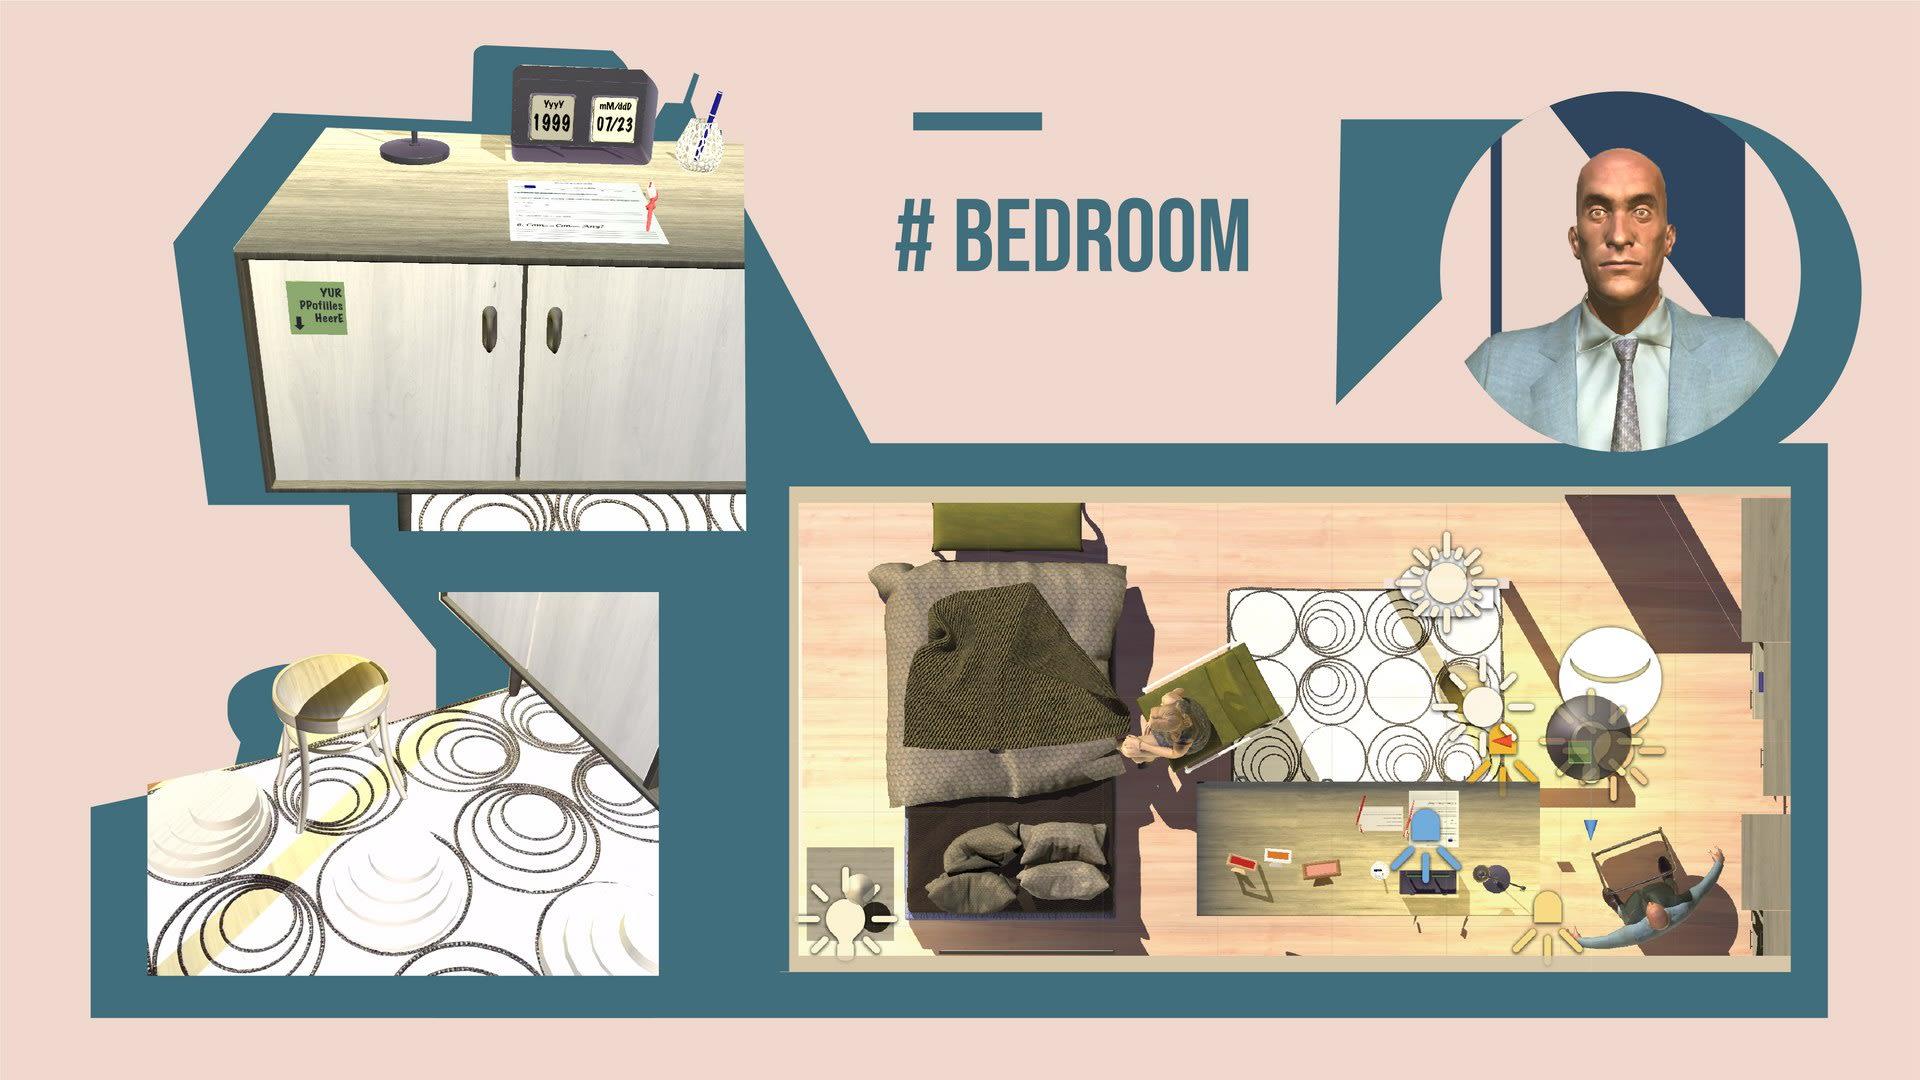 SIMULATION SCENARIO: BEDROOM